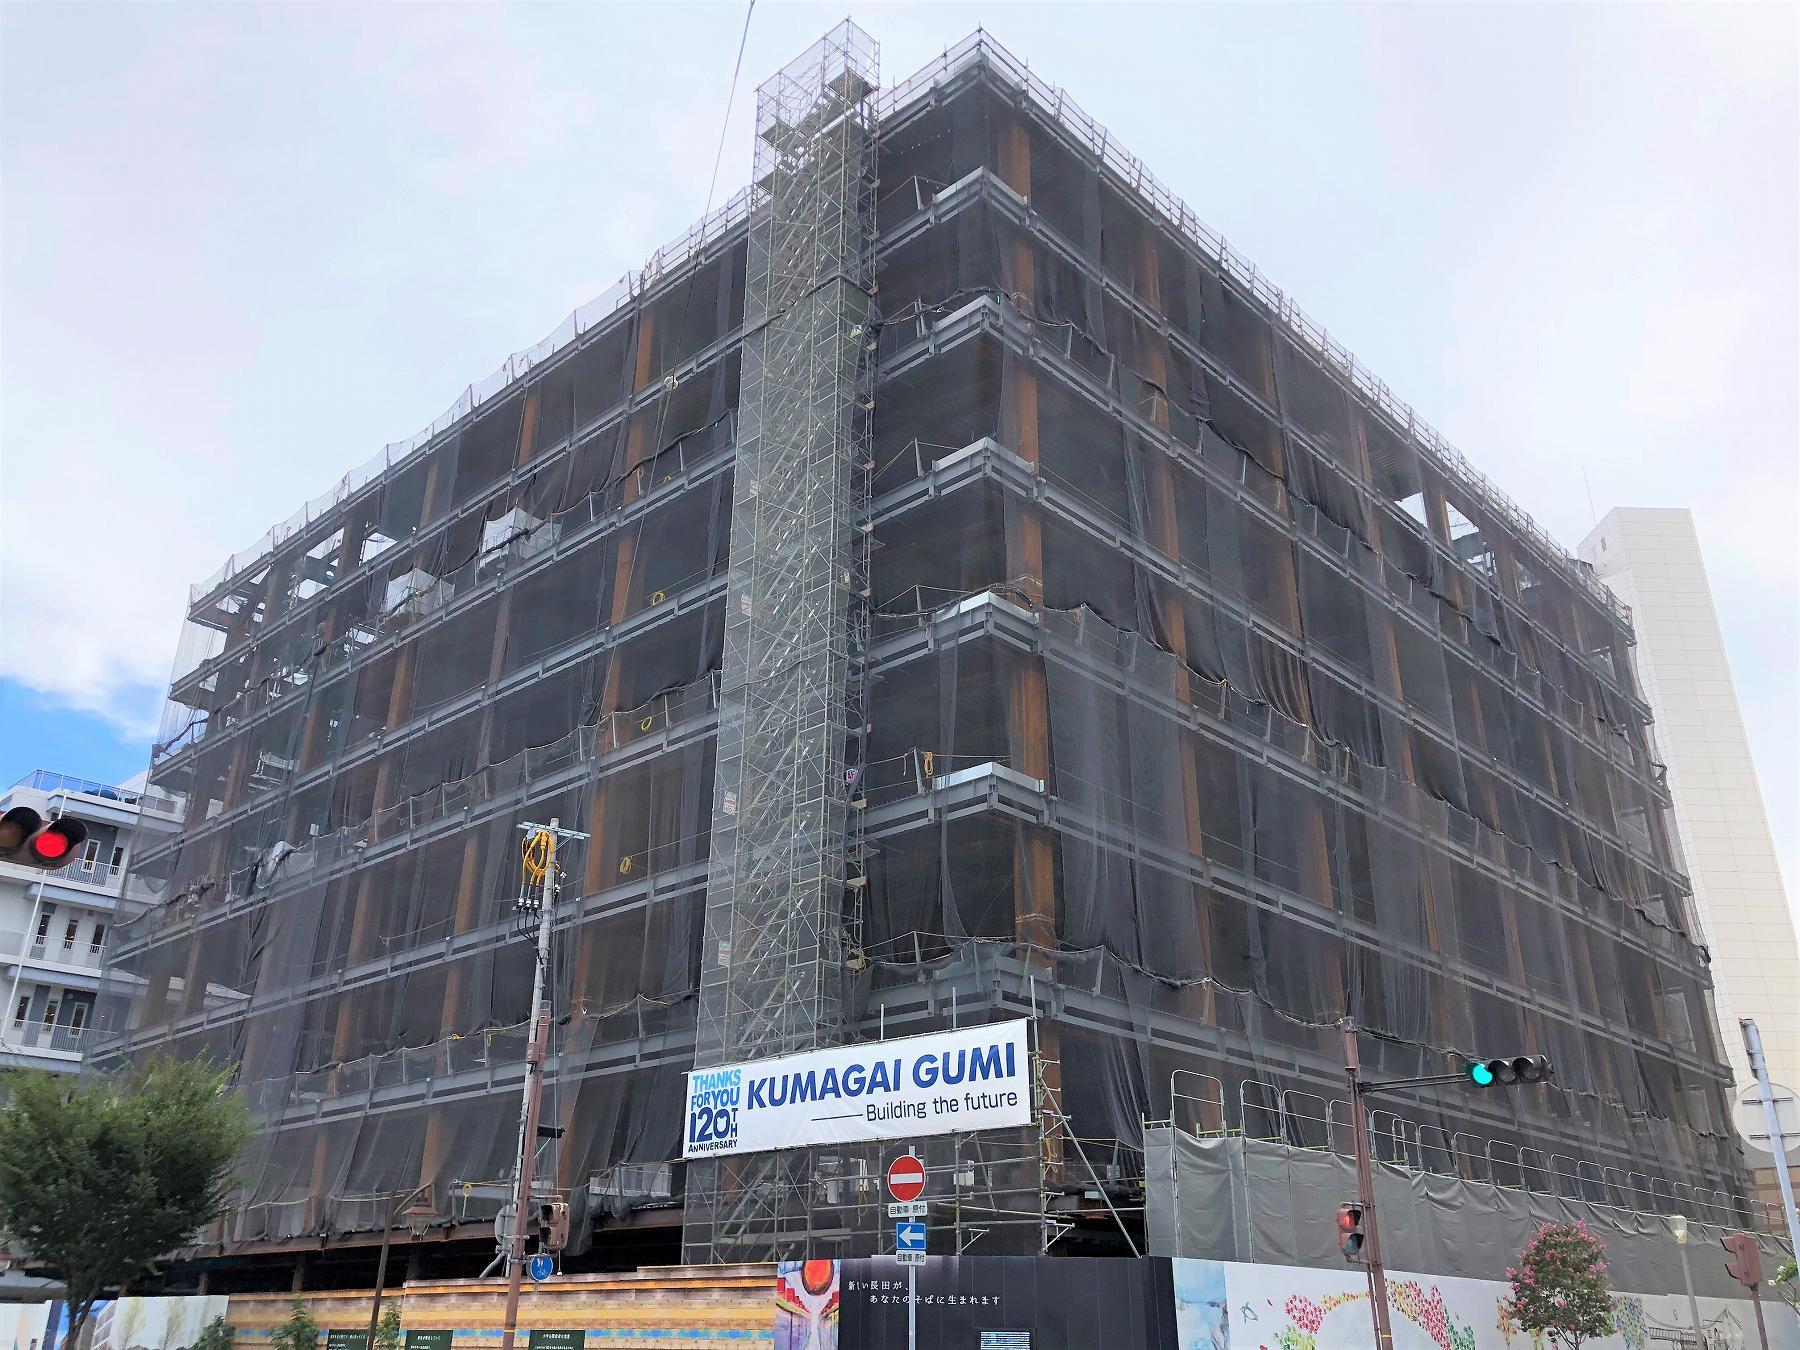 神戸・新長田合同庁舎が2019年6月完成予定!建設予定地では順調に工事が進んでいたよ! #新長田合同庁舎 #神戸市 #兵庫県 #新長田 #新規オープン